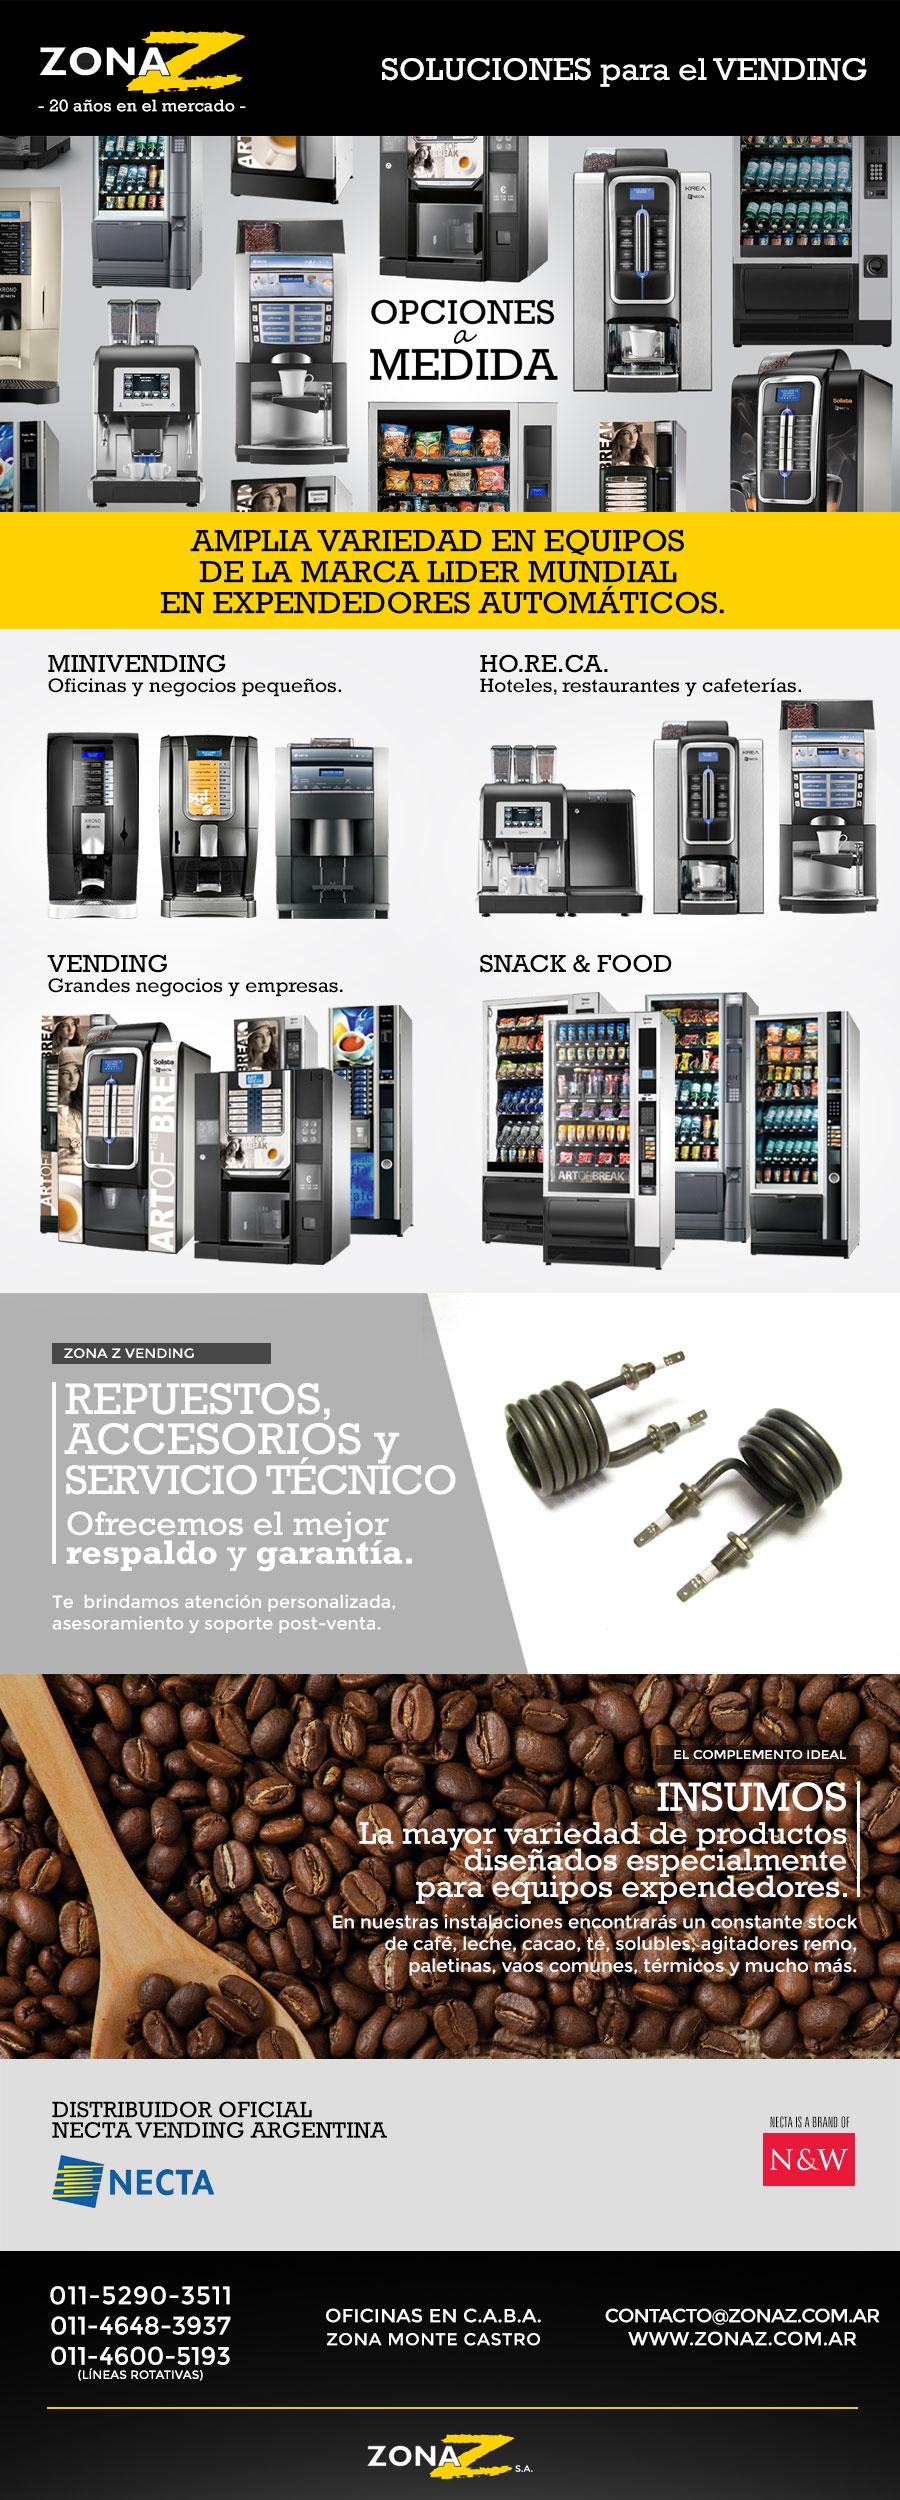 maquinas expendedoras, vending, zona z, zonaz, cafe